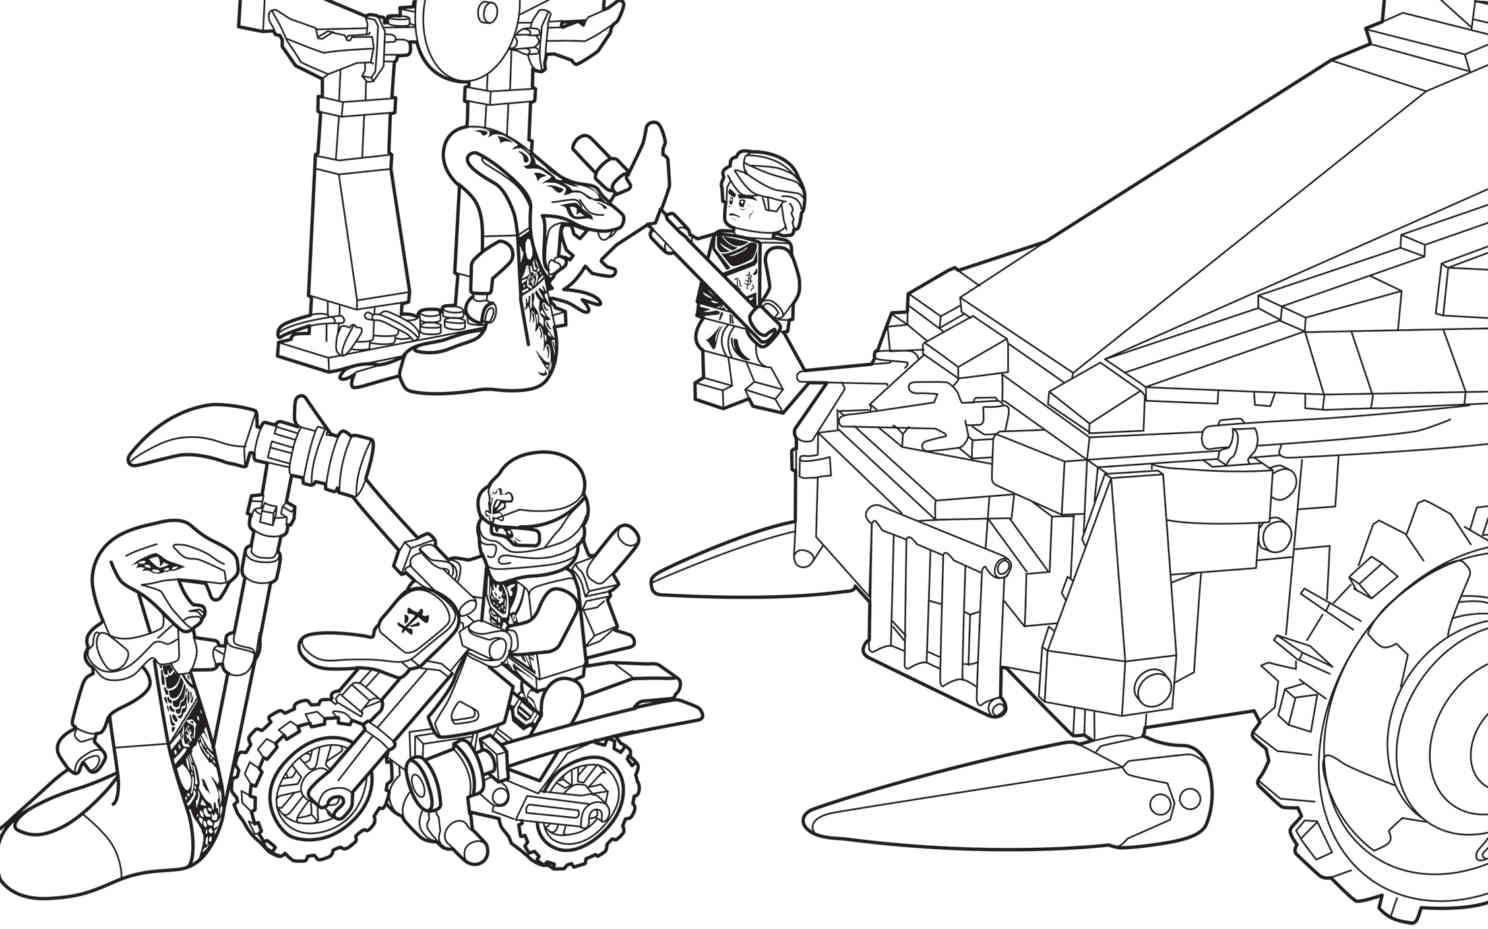 Ausmalbilder Nexo Knights Inspirierend Fantastisch Lego Minifiguren Ausmalbilder Ausmalbilder Bild